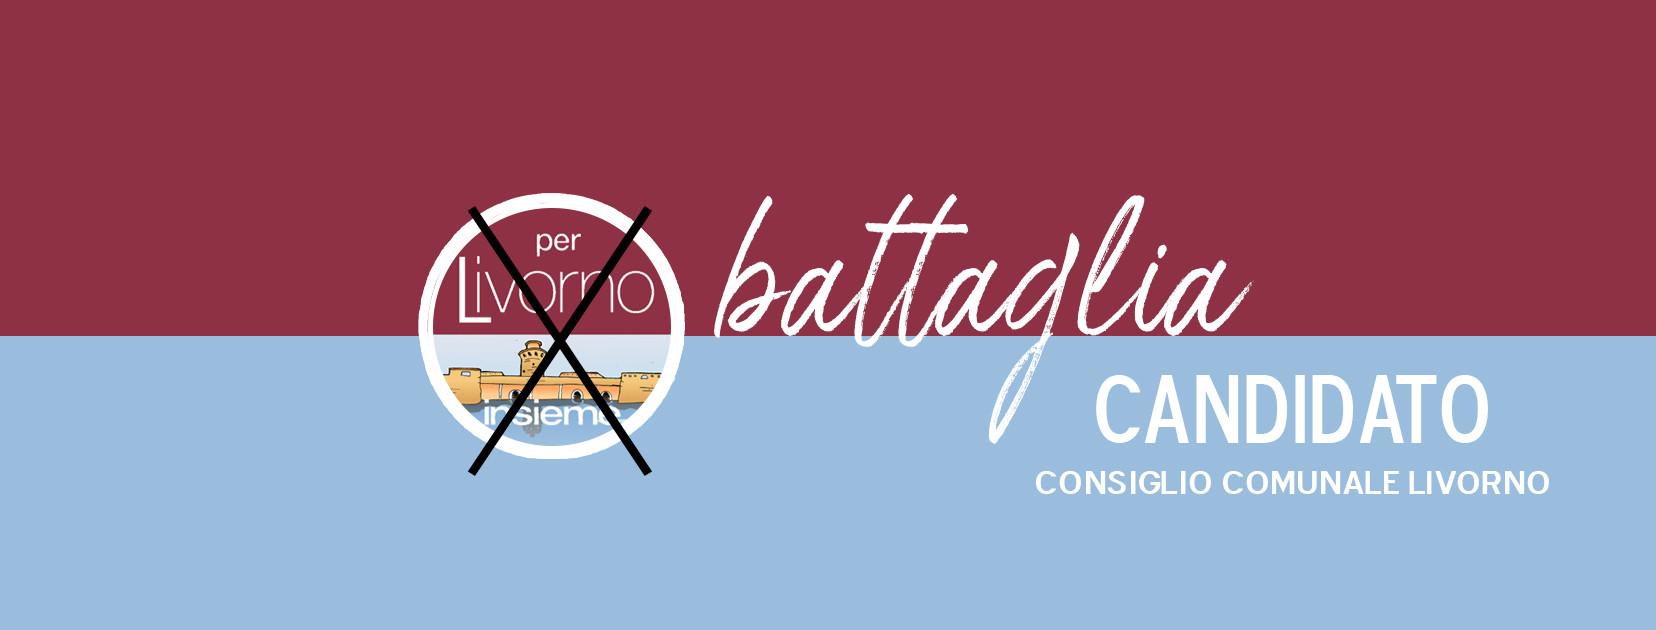 Battaglia - Facebook Cover